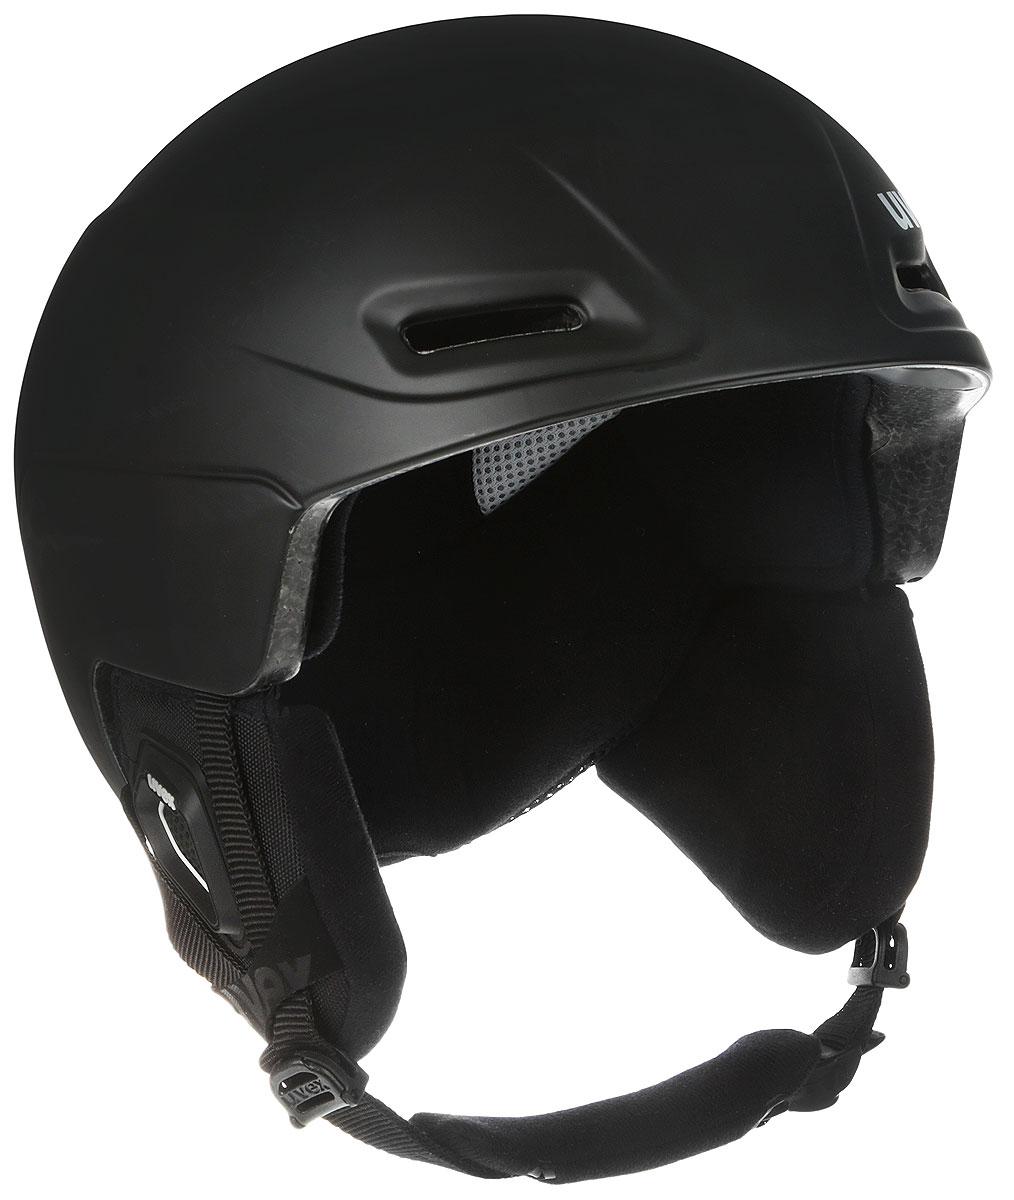 Шлем зимний Uvex JIMM, цвет: черный. Размер M6206-2005Зимний шлем Uvex JIMM с инновационной системой подгонки размера octo+. Гибкие секции внутренней ракушки принимают форму головы и запоминают ее. Дальнейшая настройка размера не требуется. Имеется регулировка размера.Особенности:- Гипоаллергенный материал подкладки;- Регулируемая система вентиляции;- Съемная защита ушей;- Фиксатор стрэпа маски; - Застежка monomatic;- Конструкция In-mould;- Регулируемая вентиляция.Сертификация EN 1077 B.